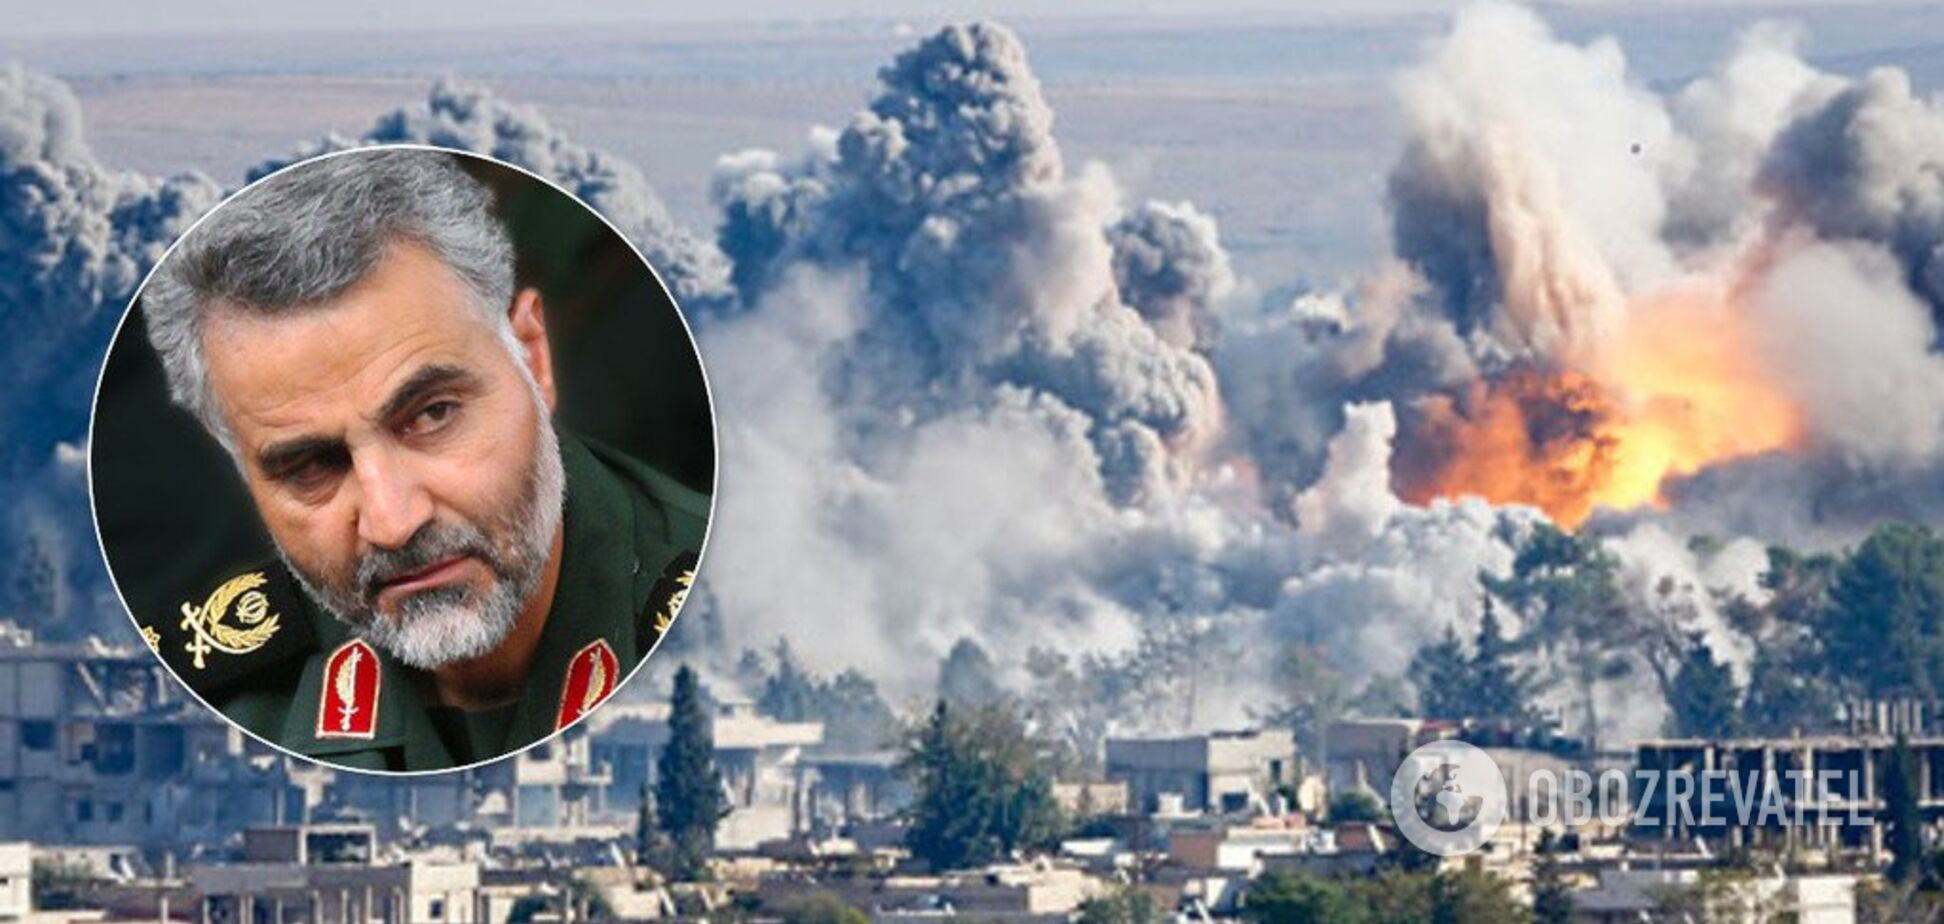 'Иранский ответ неизбежен': Фельгенгауэр предсказал эскалацию на Ближнем Востоке